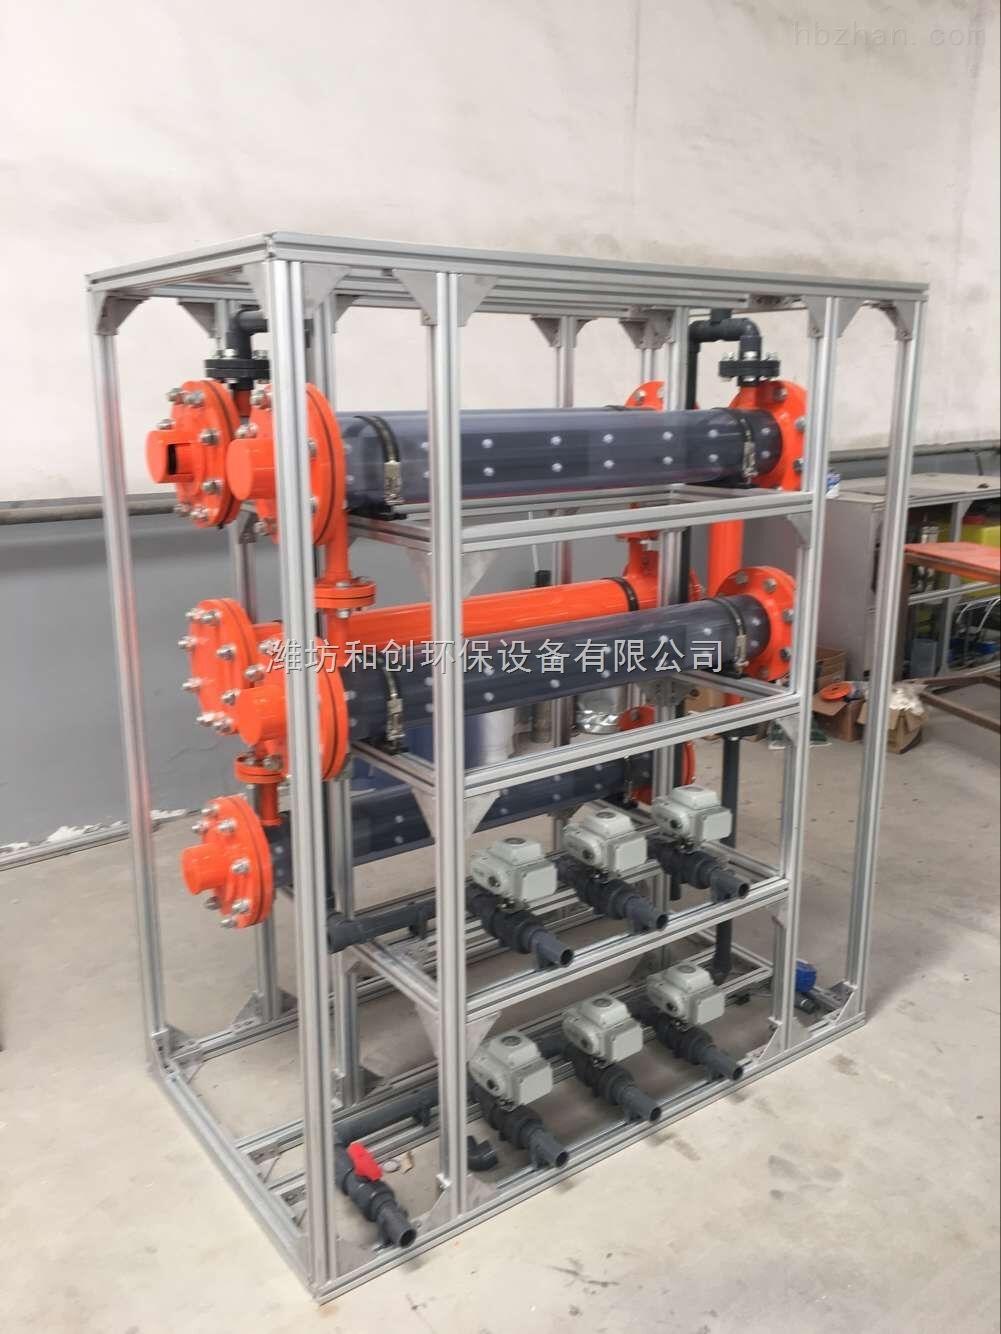 杭州农村安全饮水次氯酸钠发生器厂家